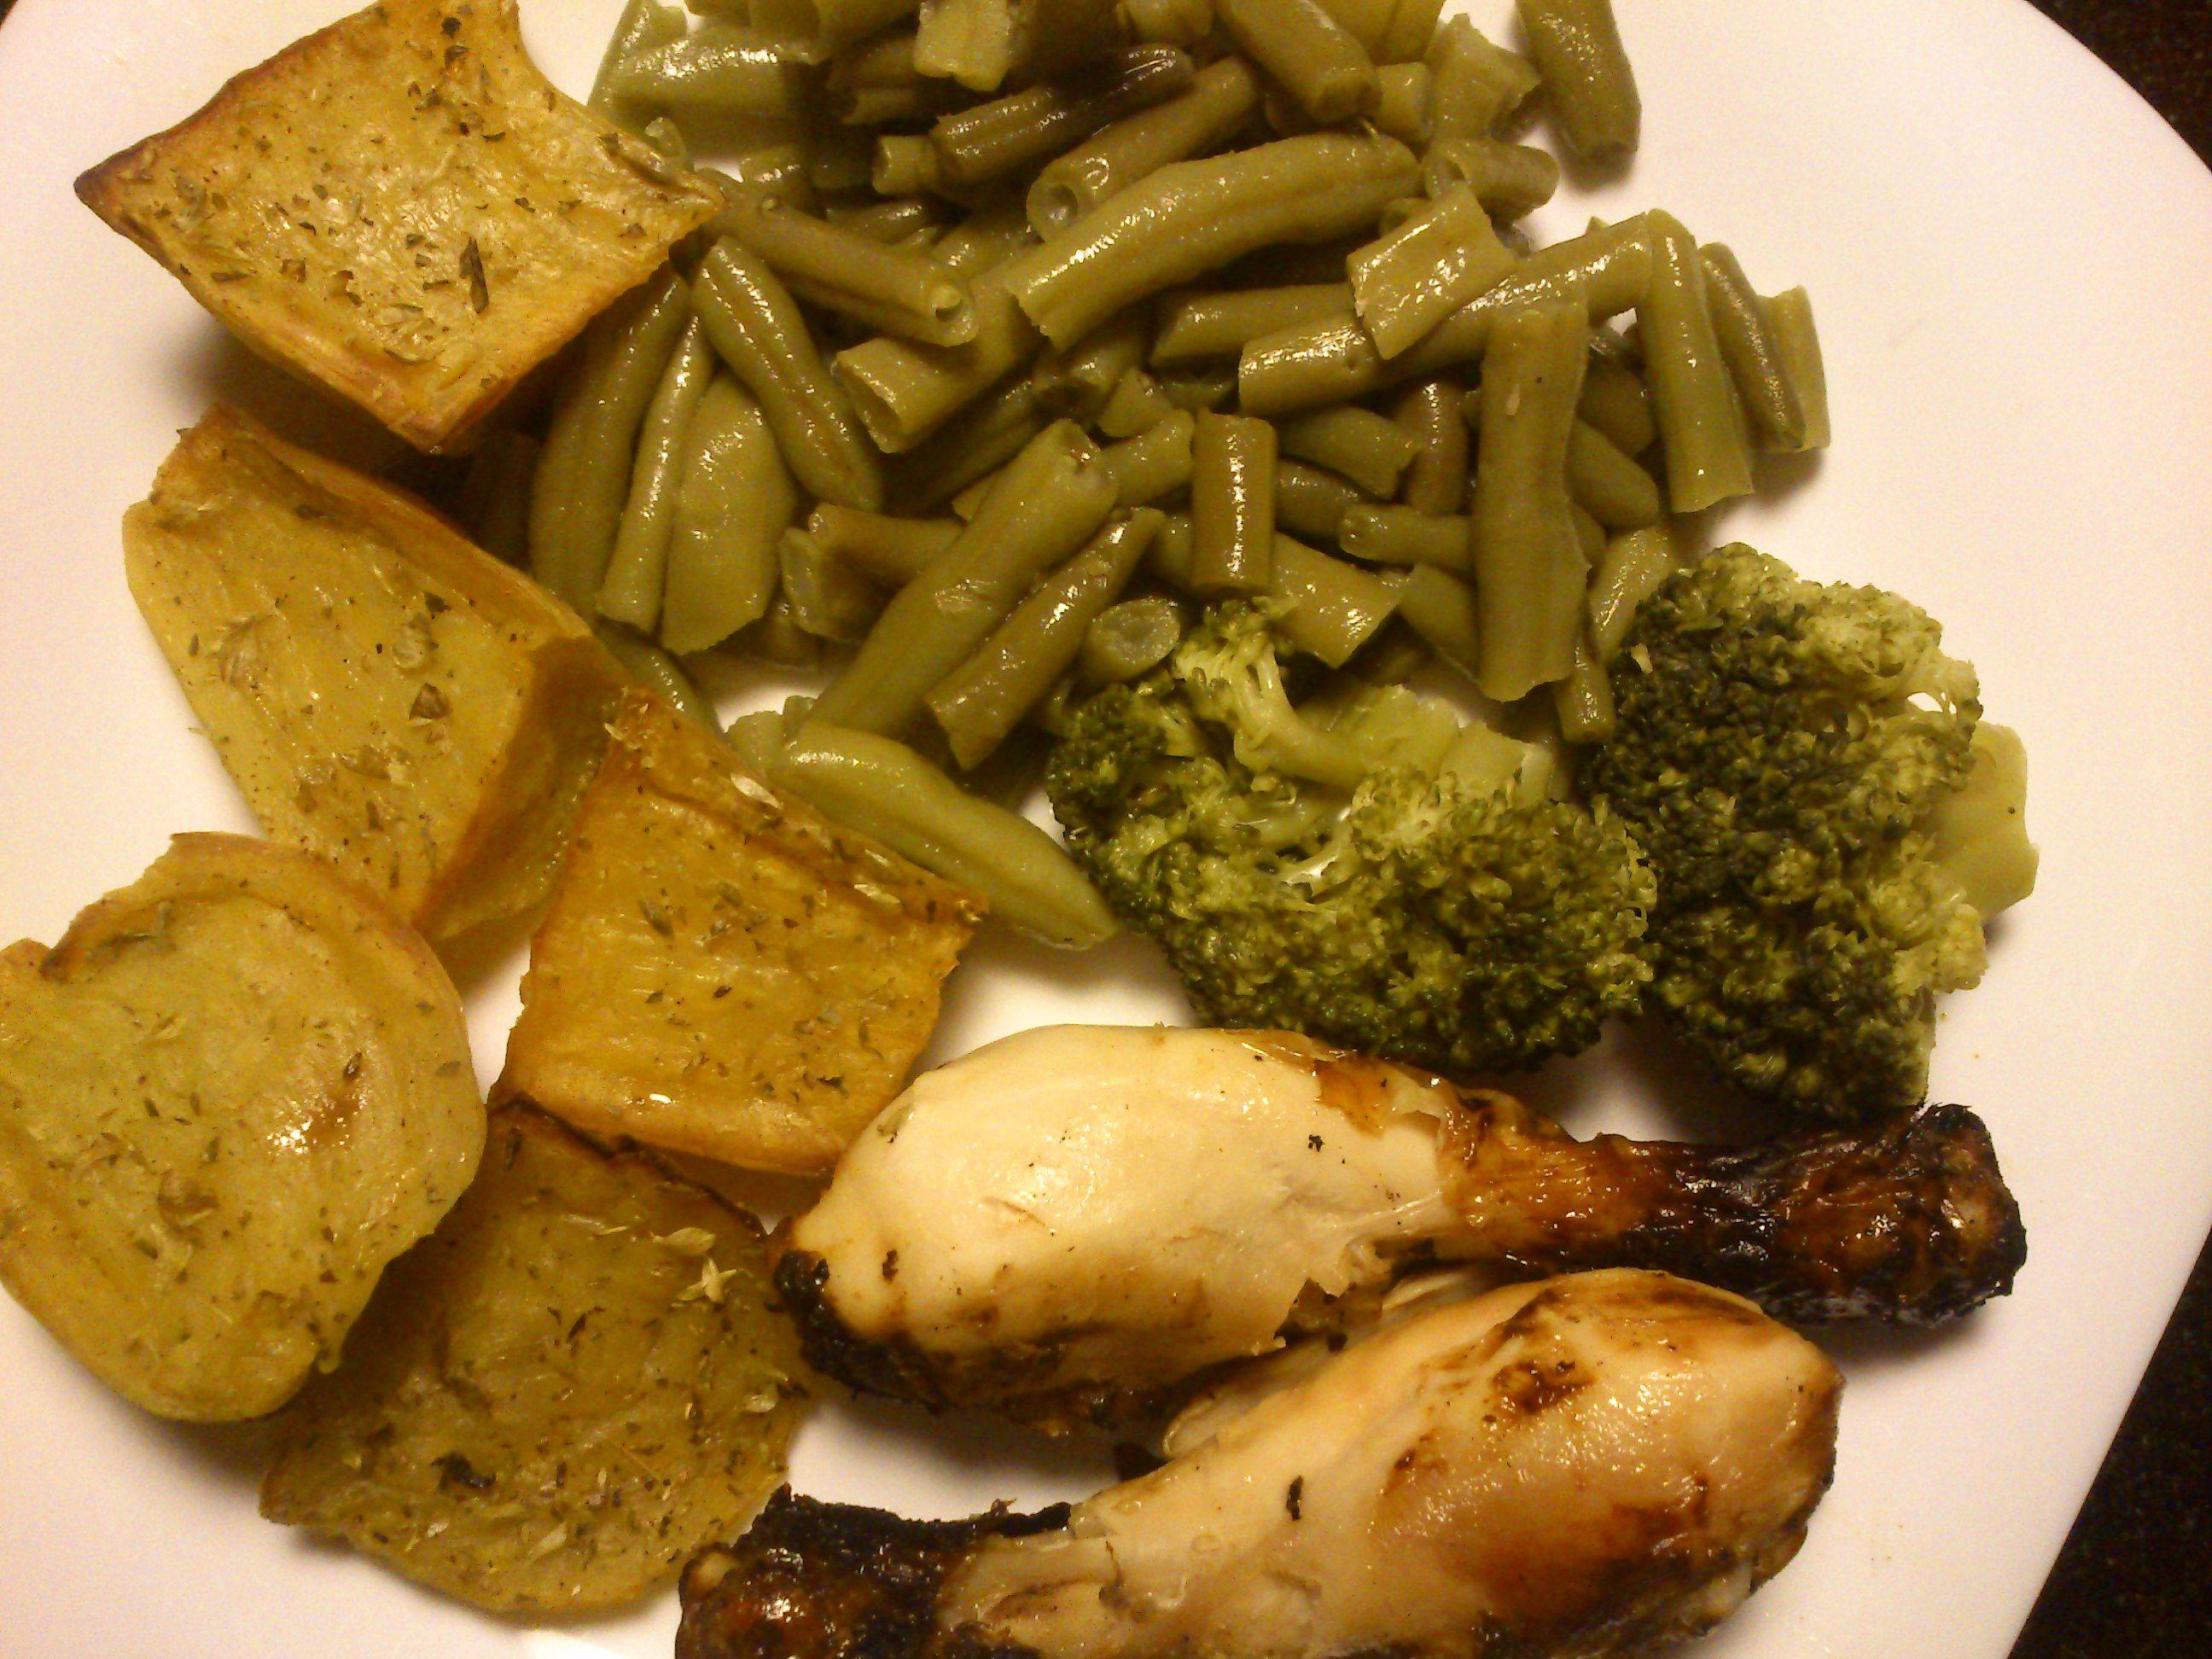 batata doce + feijão verde + brócolis + frango grelhado